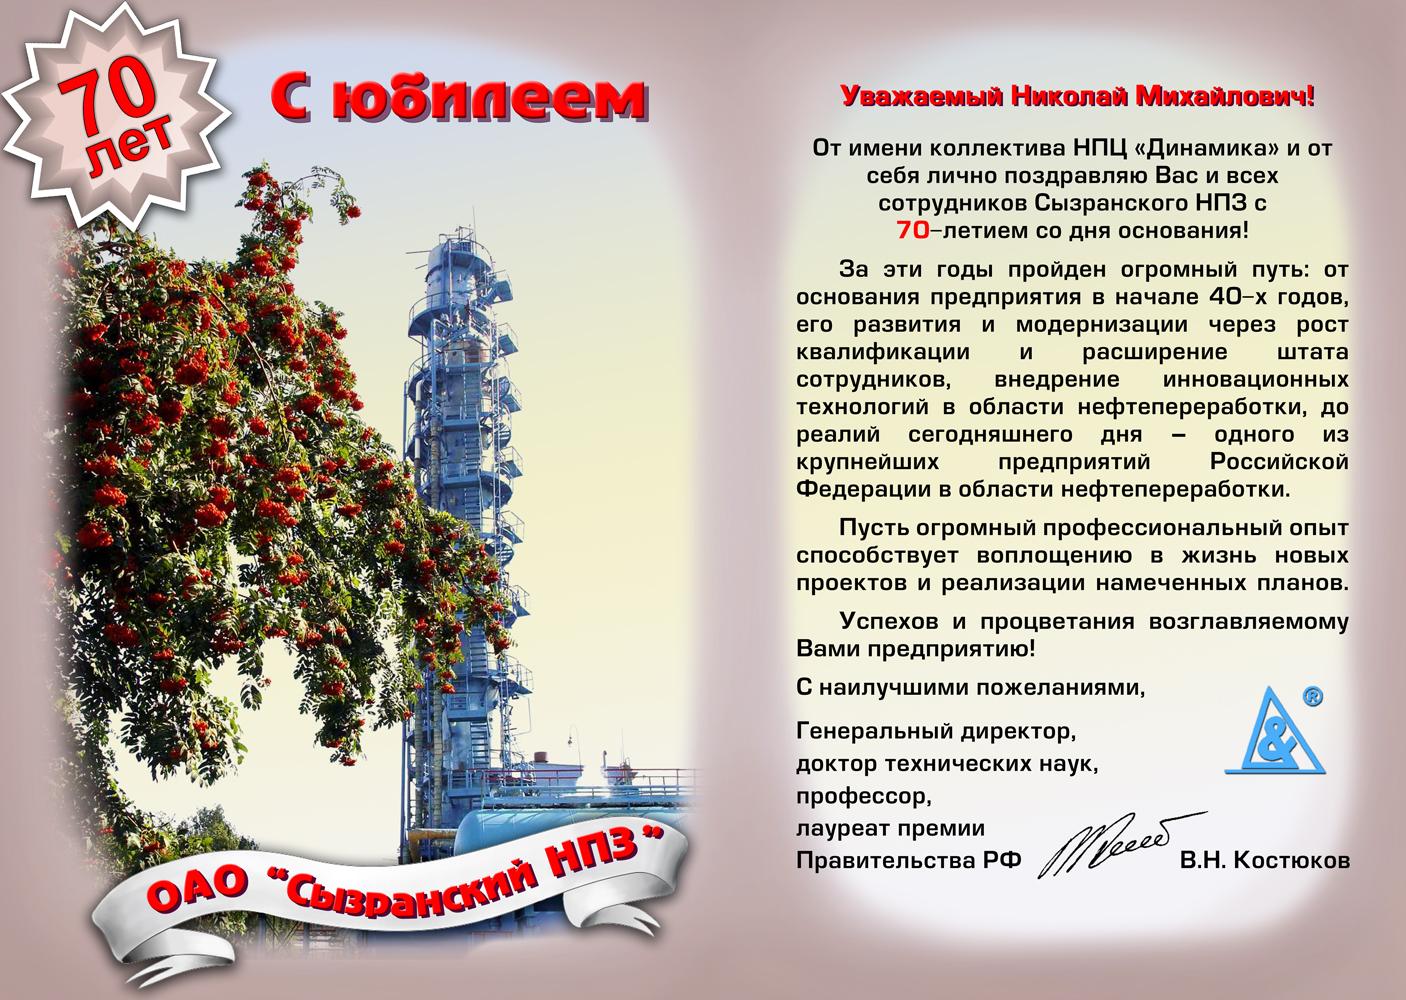 Текст поздравления к 70 летию